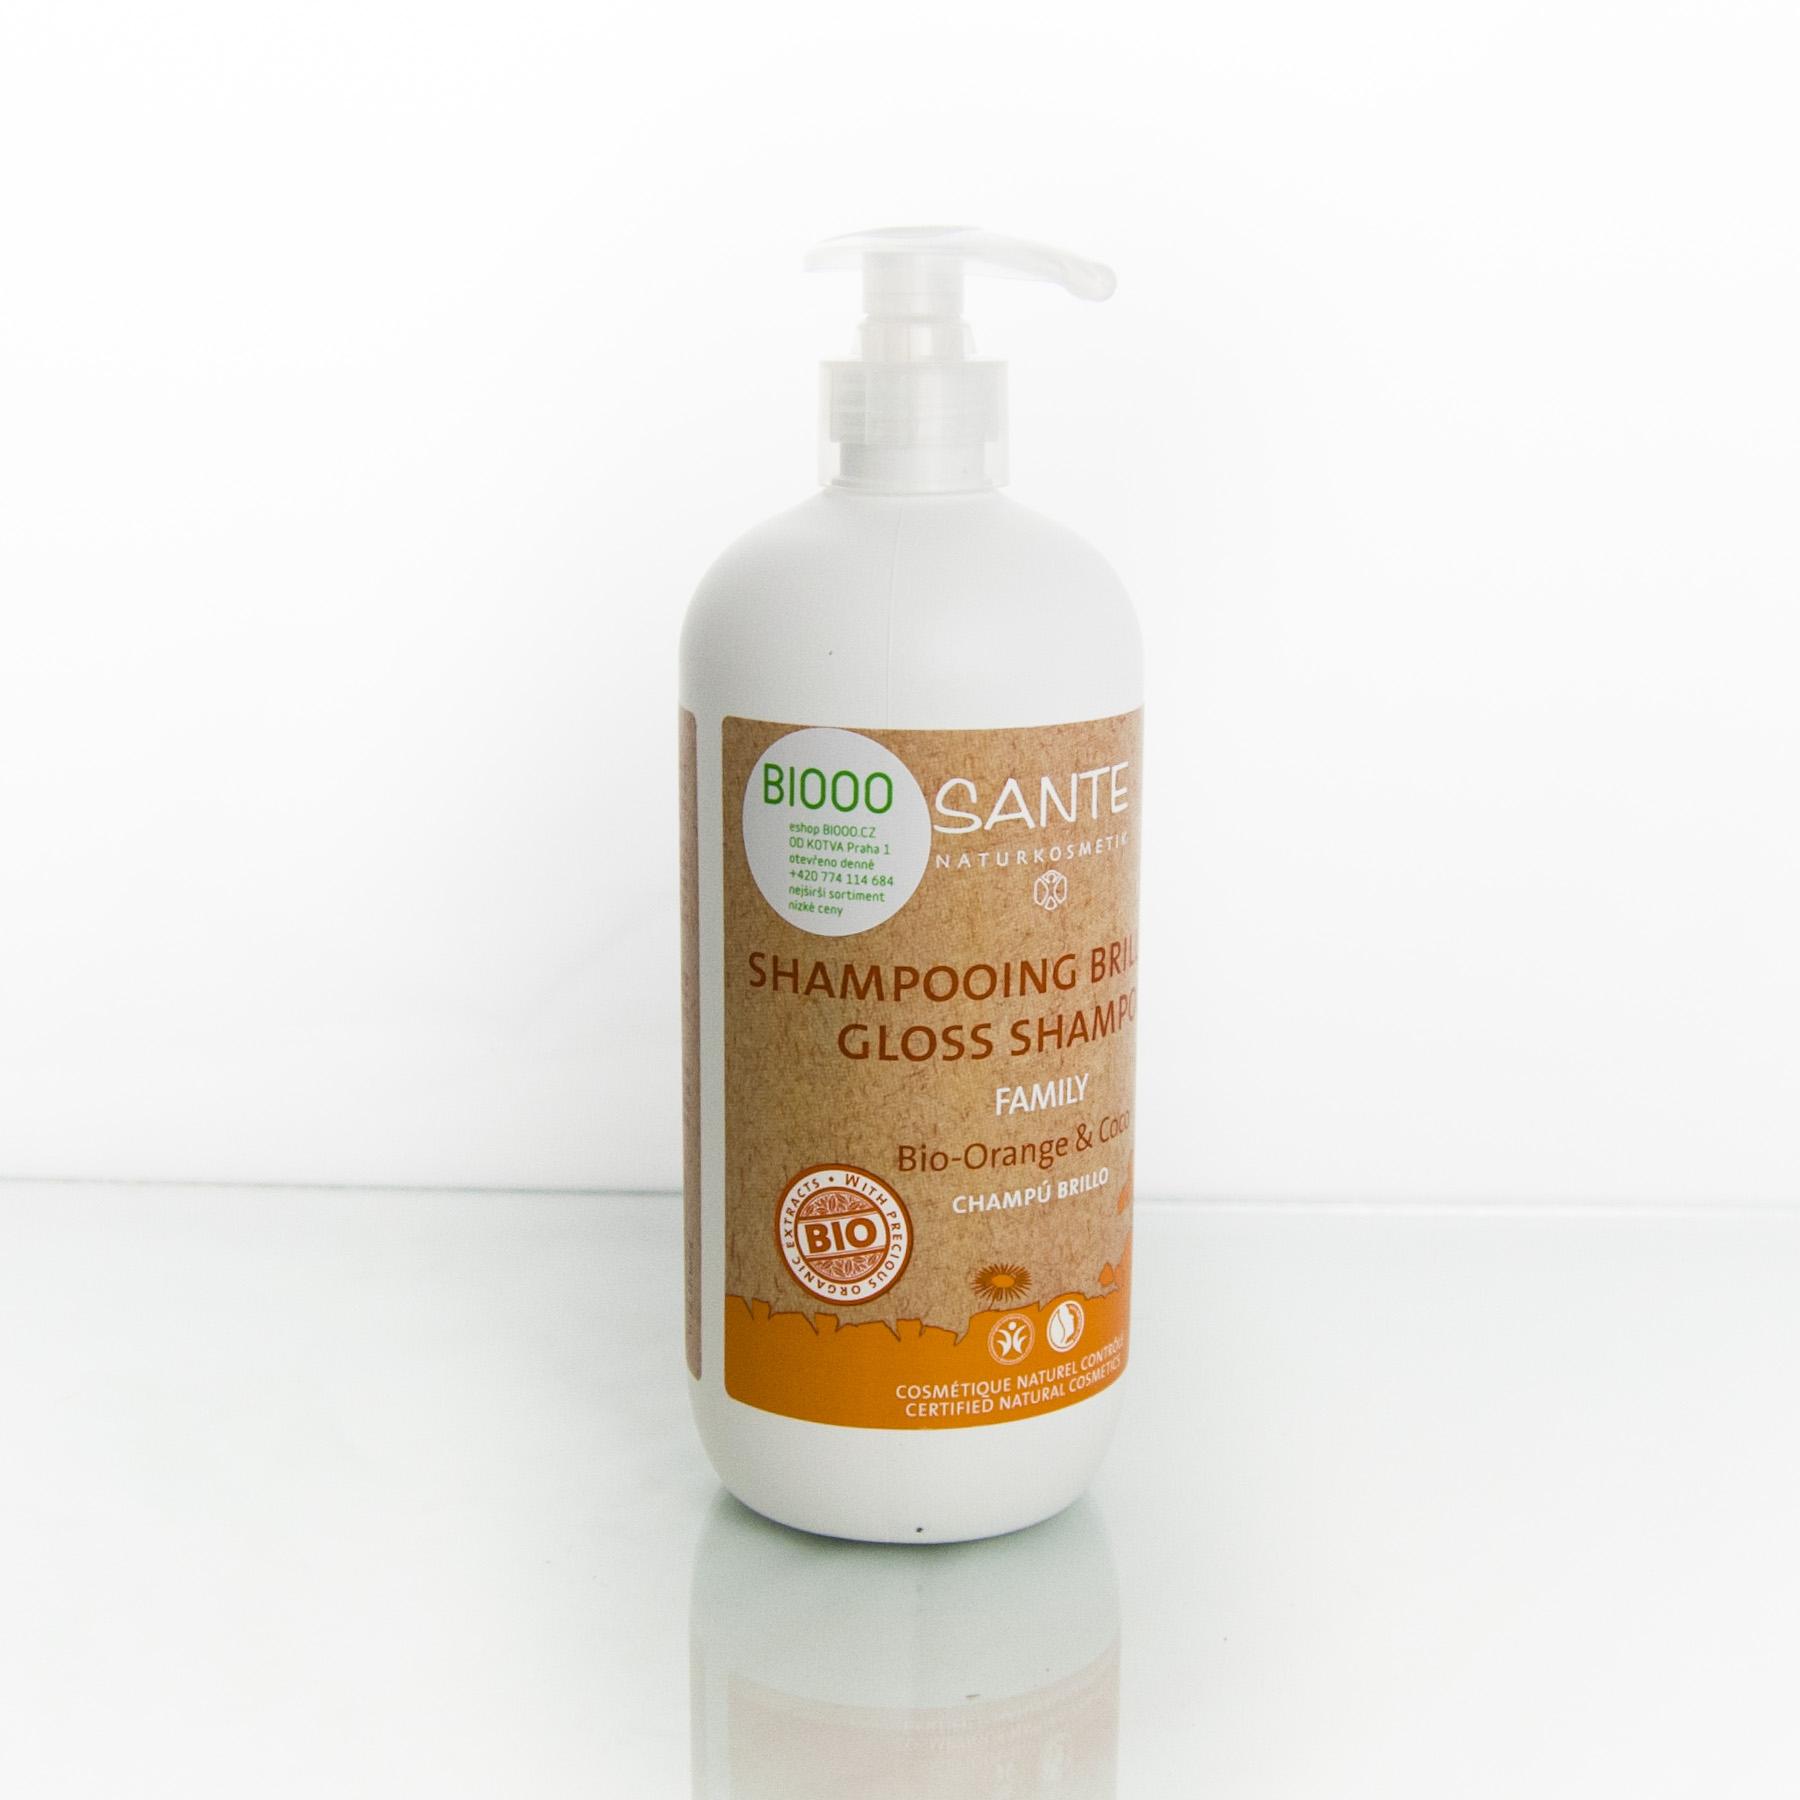 Santé Šampon gloss bio pomeranč a kokos, Family 500 ml